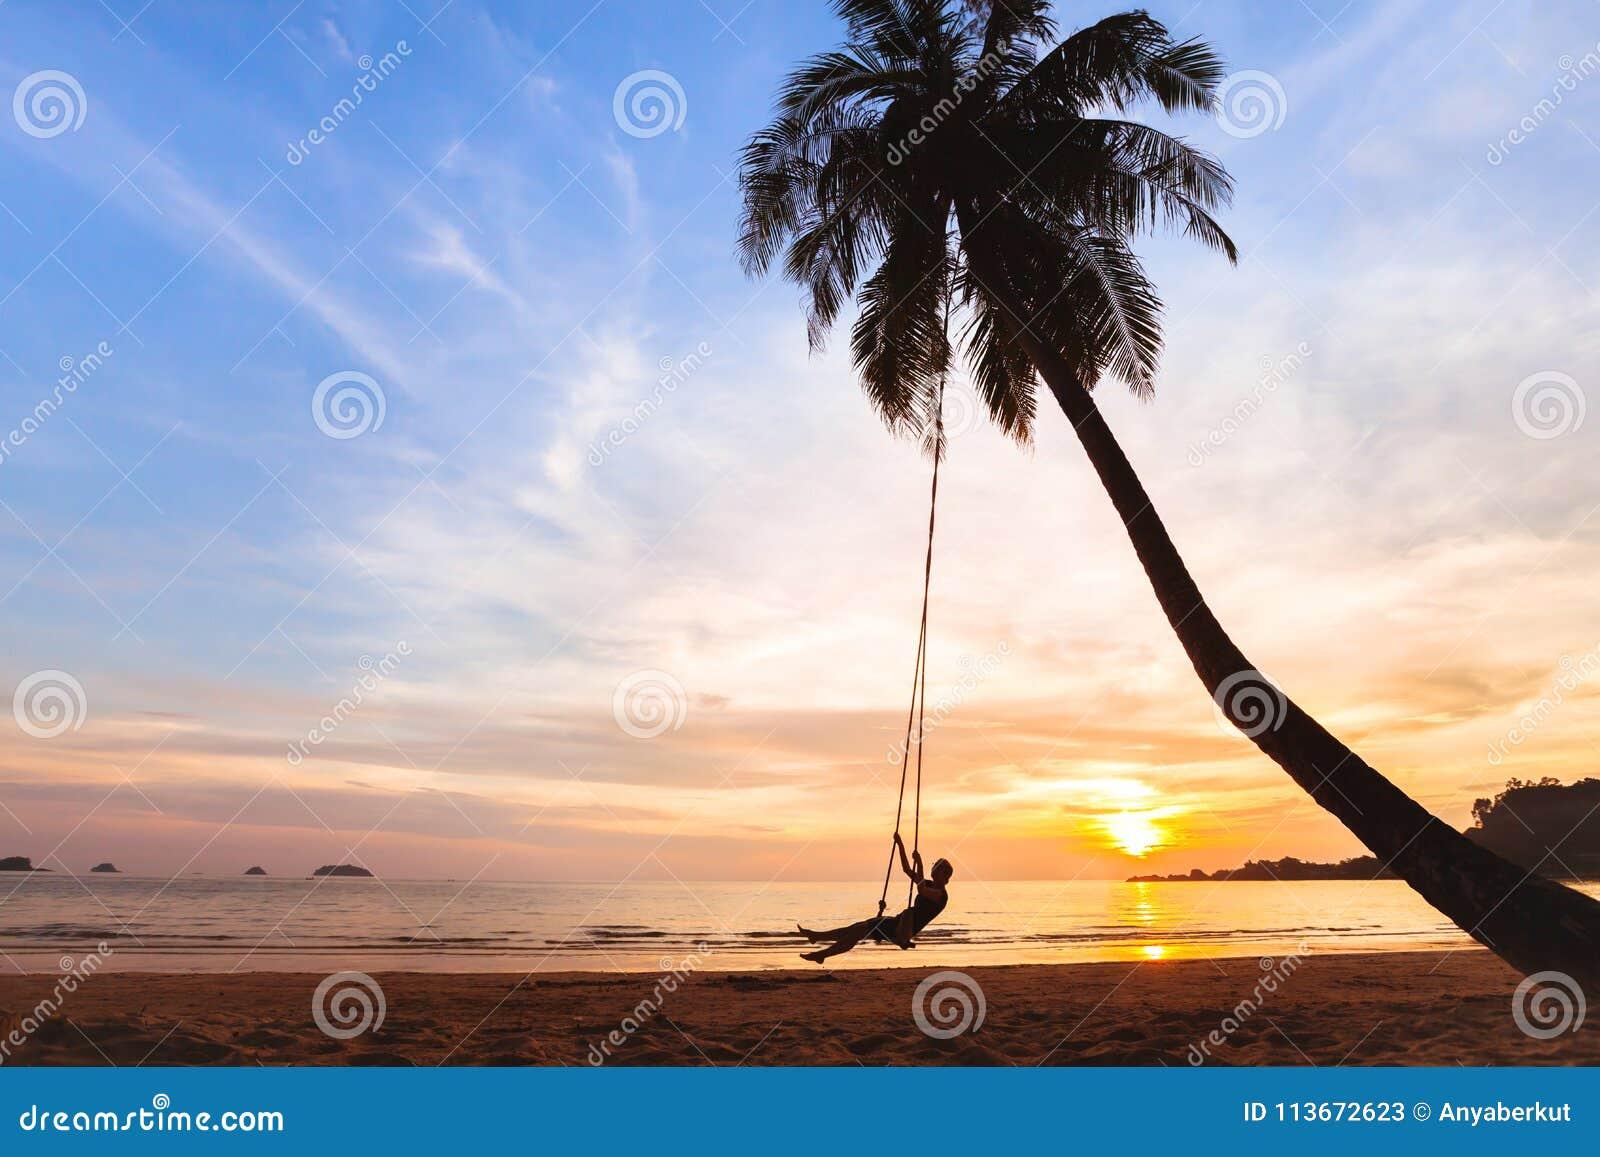 Férias de verão, mulher feliz no balanço na praia tropical, férias